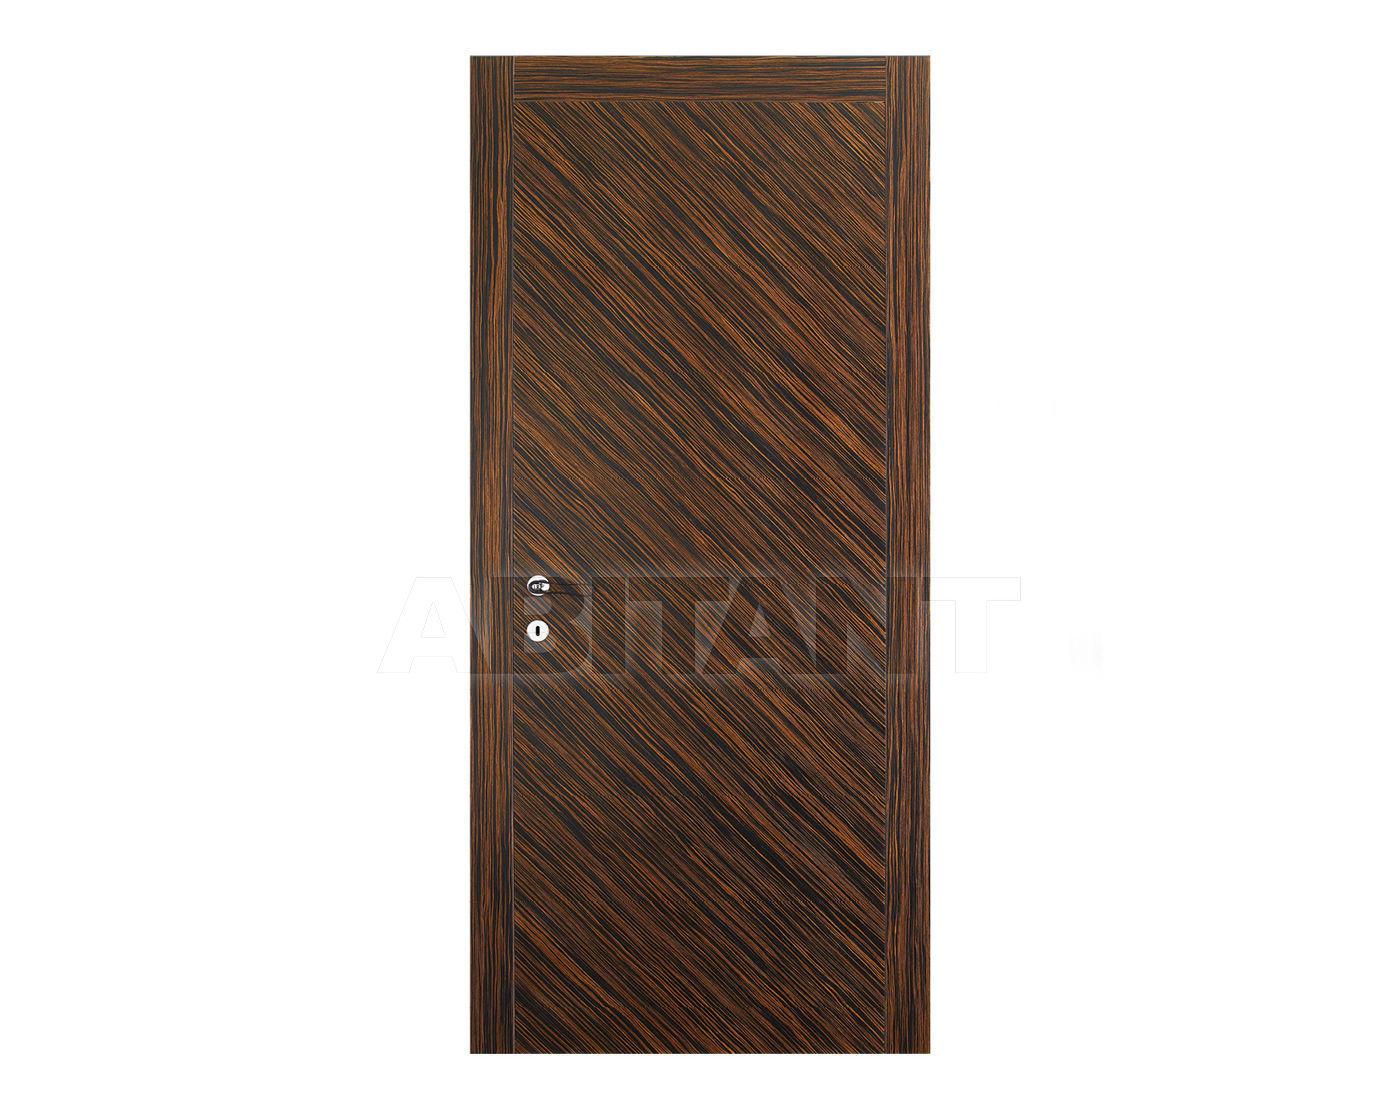 Купить Дверь деревянная Flex EXTRO ORIZIA Ebano